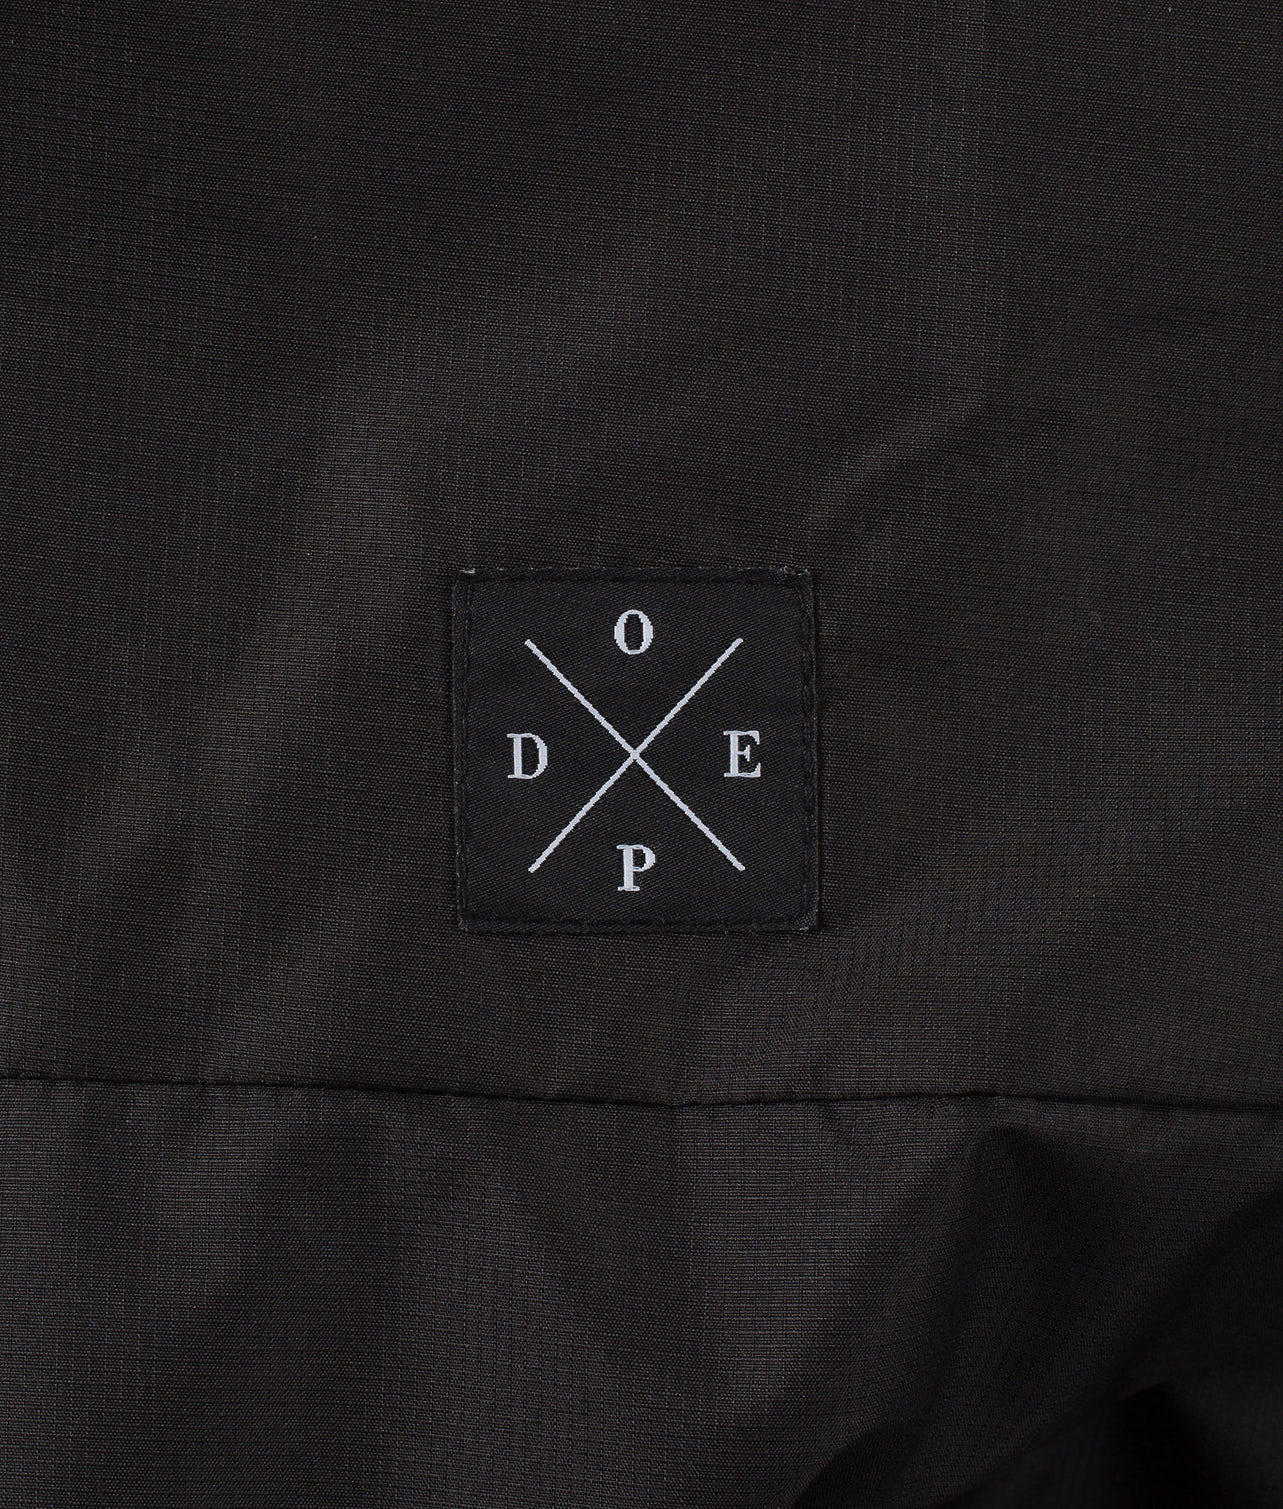 Kjøp WB Jakke fra Dope på Ridestore.no - Hos oss har du alltid fri frakt, fri retur og 30 dagers åpent kjøp!